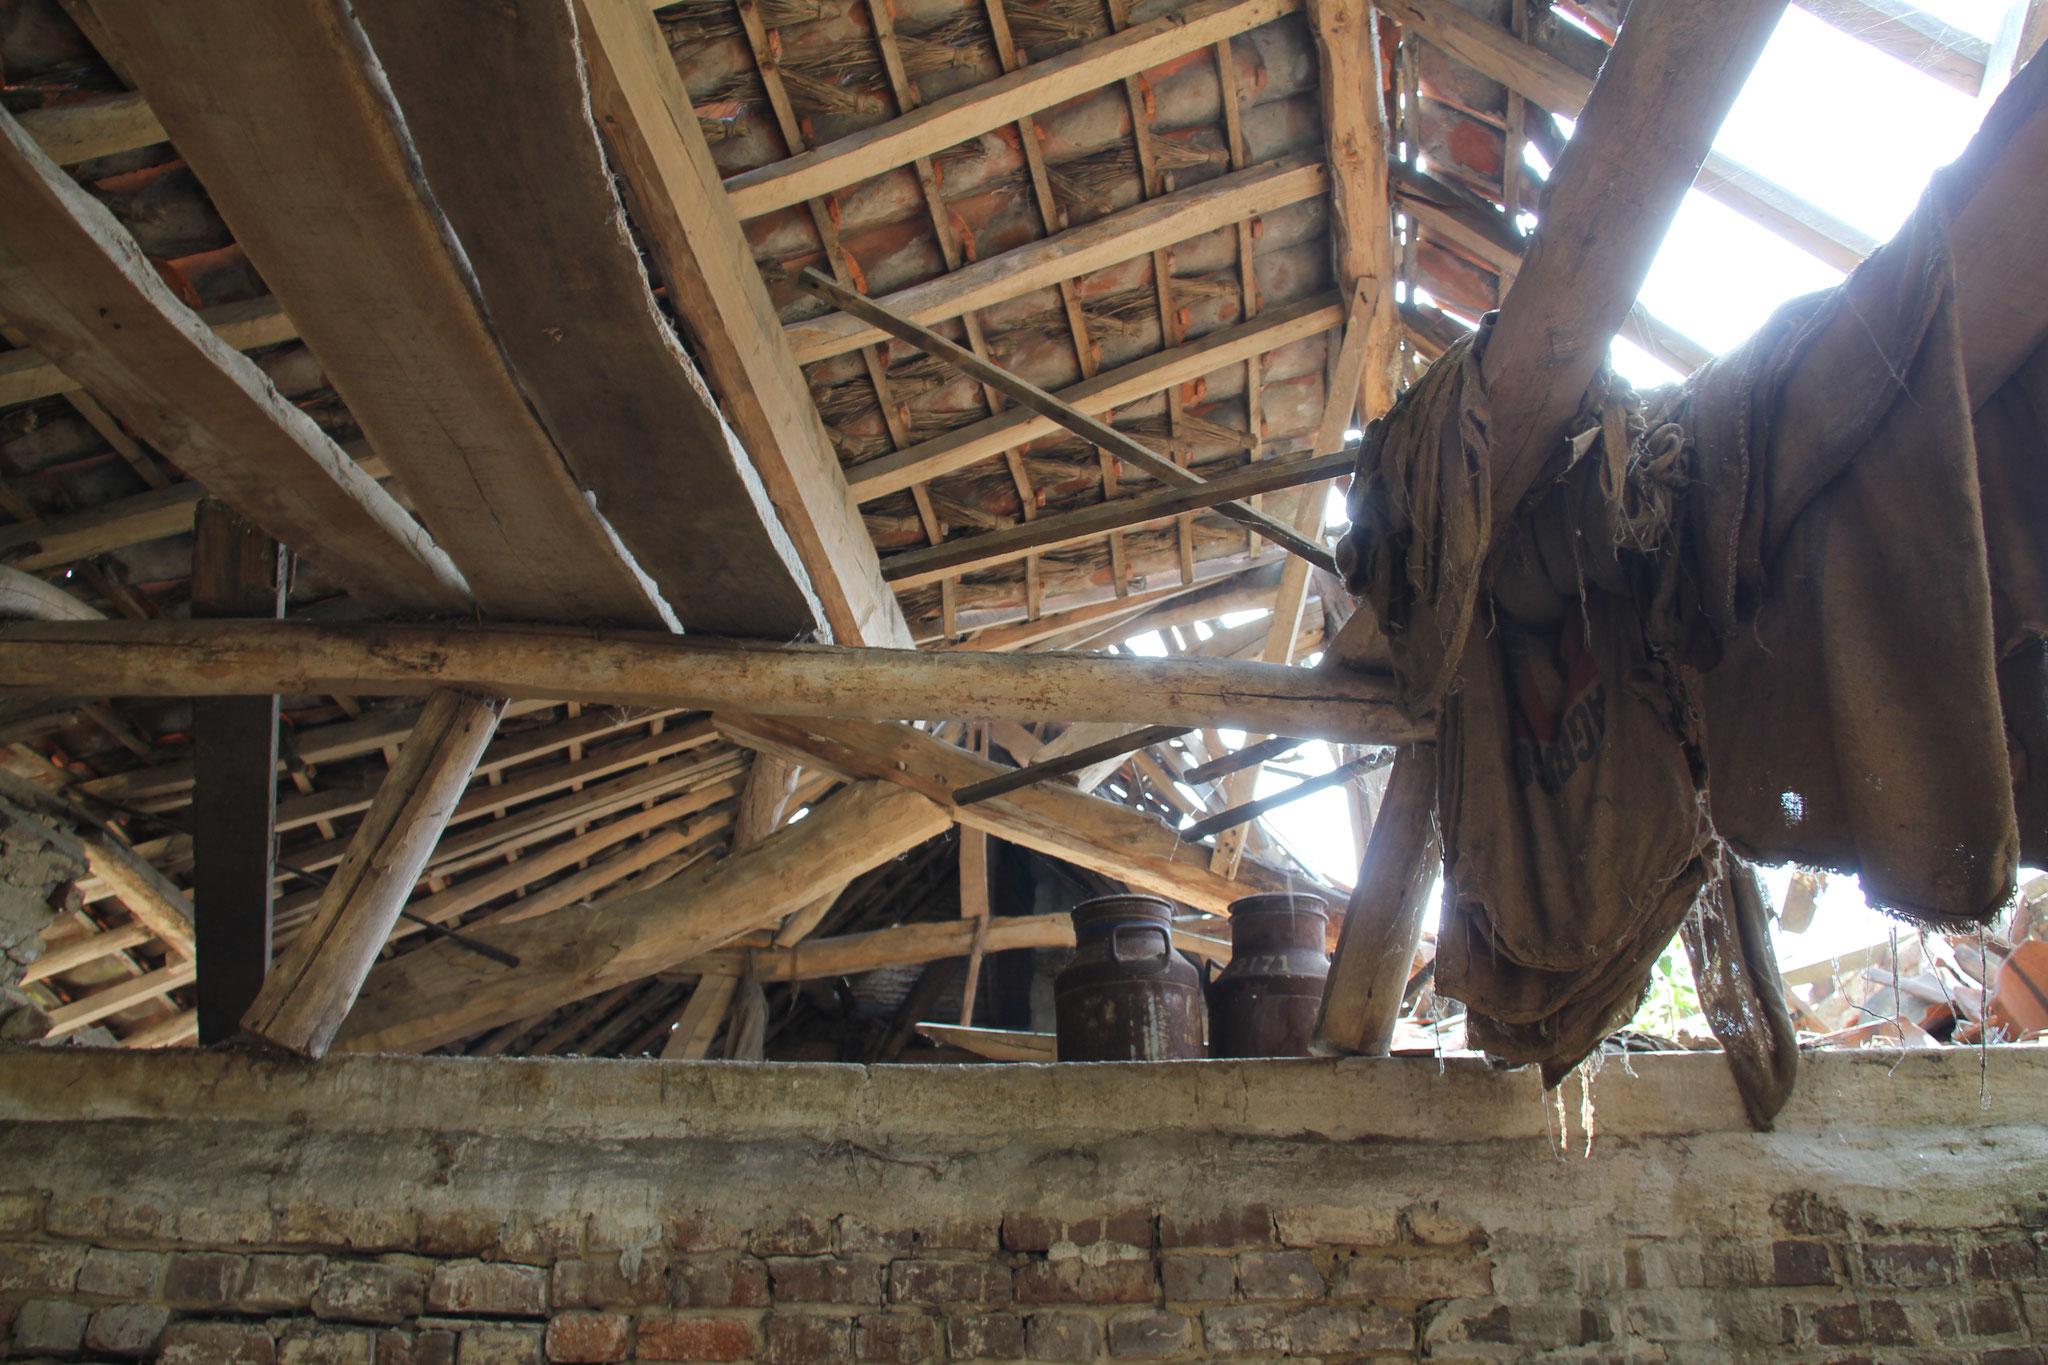 Ingezakt dak boven de stal